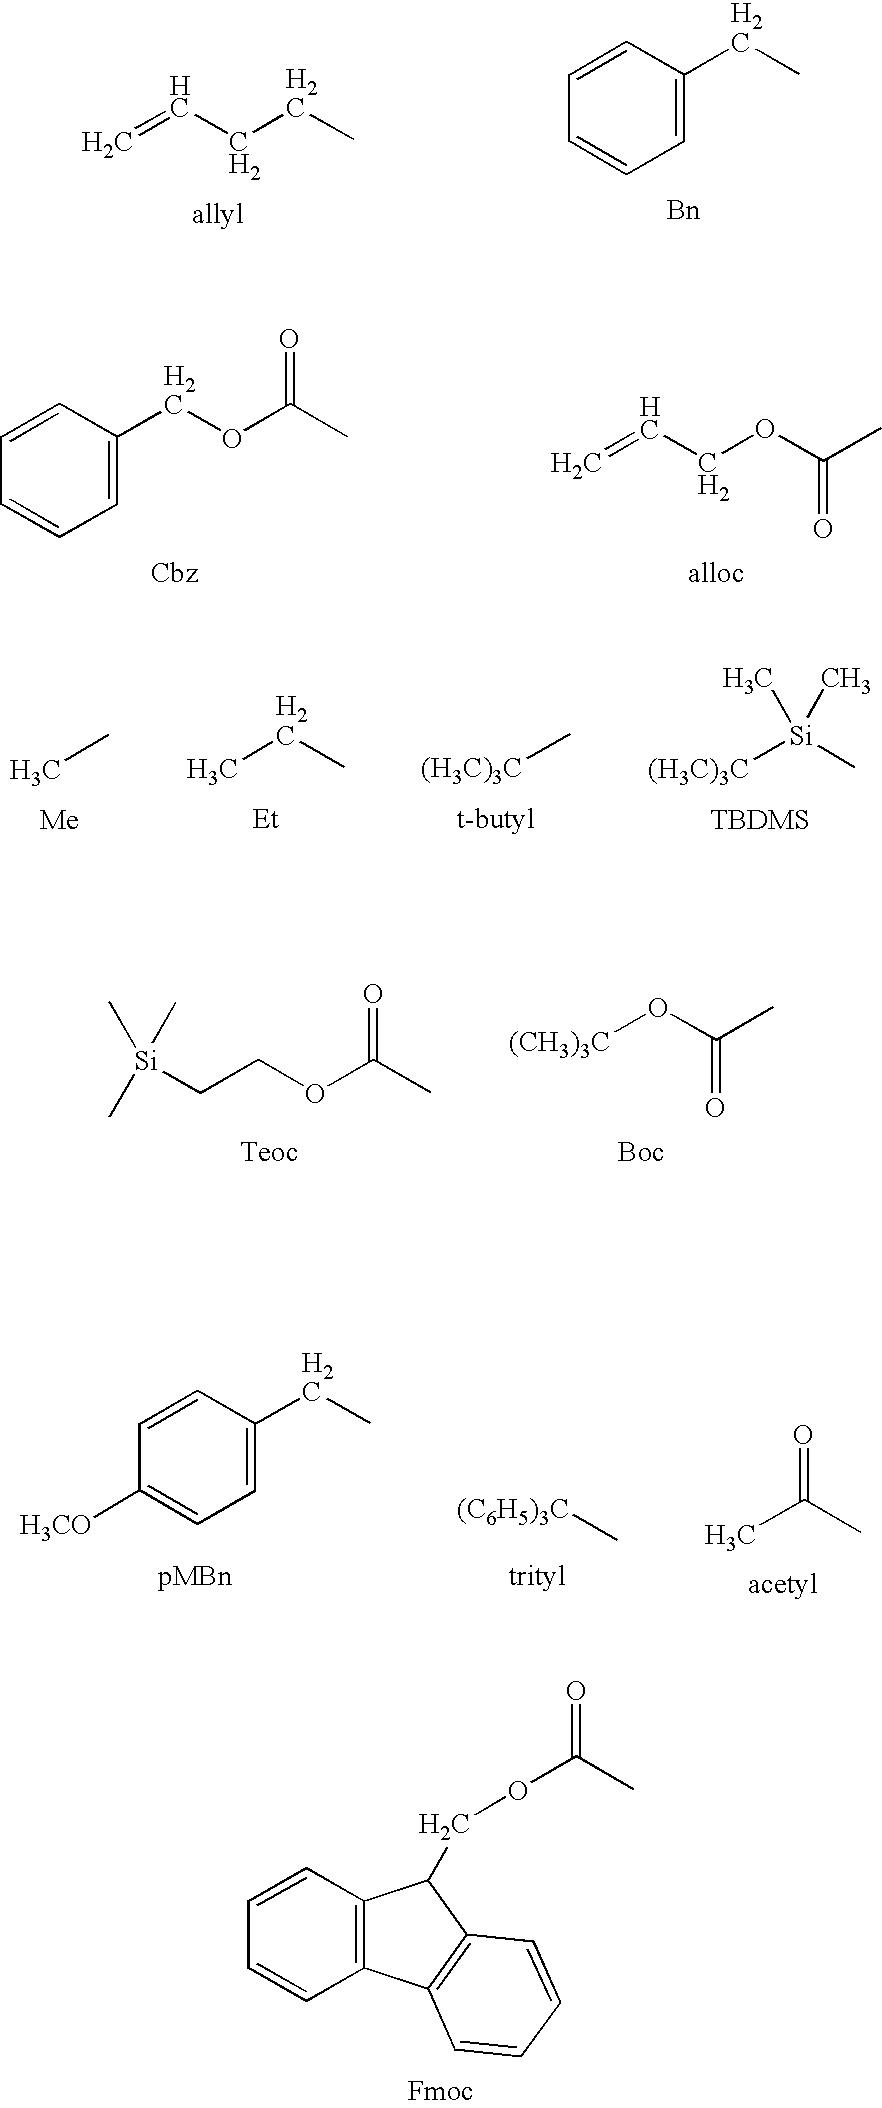 Figure US20060183198A1-20060817-C00001